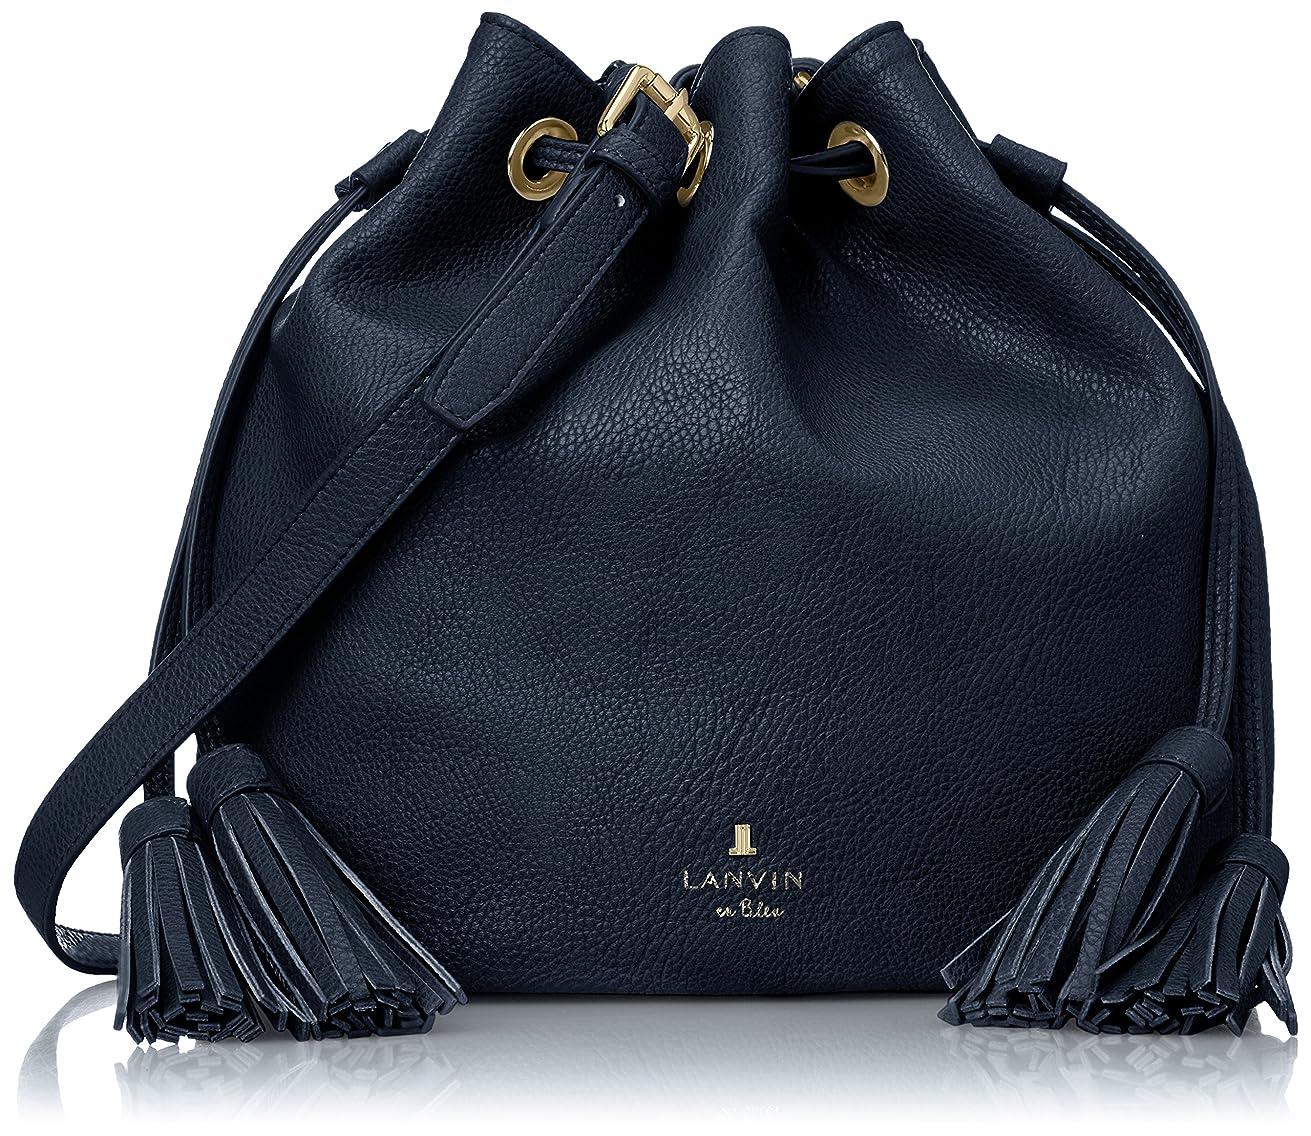 保険メンテナンス奨学金[ランバンオンブルー] LANVIN en Bleu Amazon公式 正規品 ピレネー 巾着バッグ